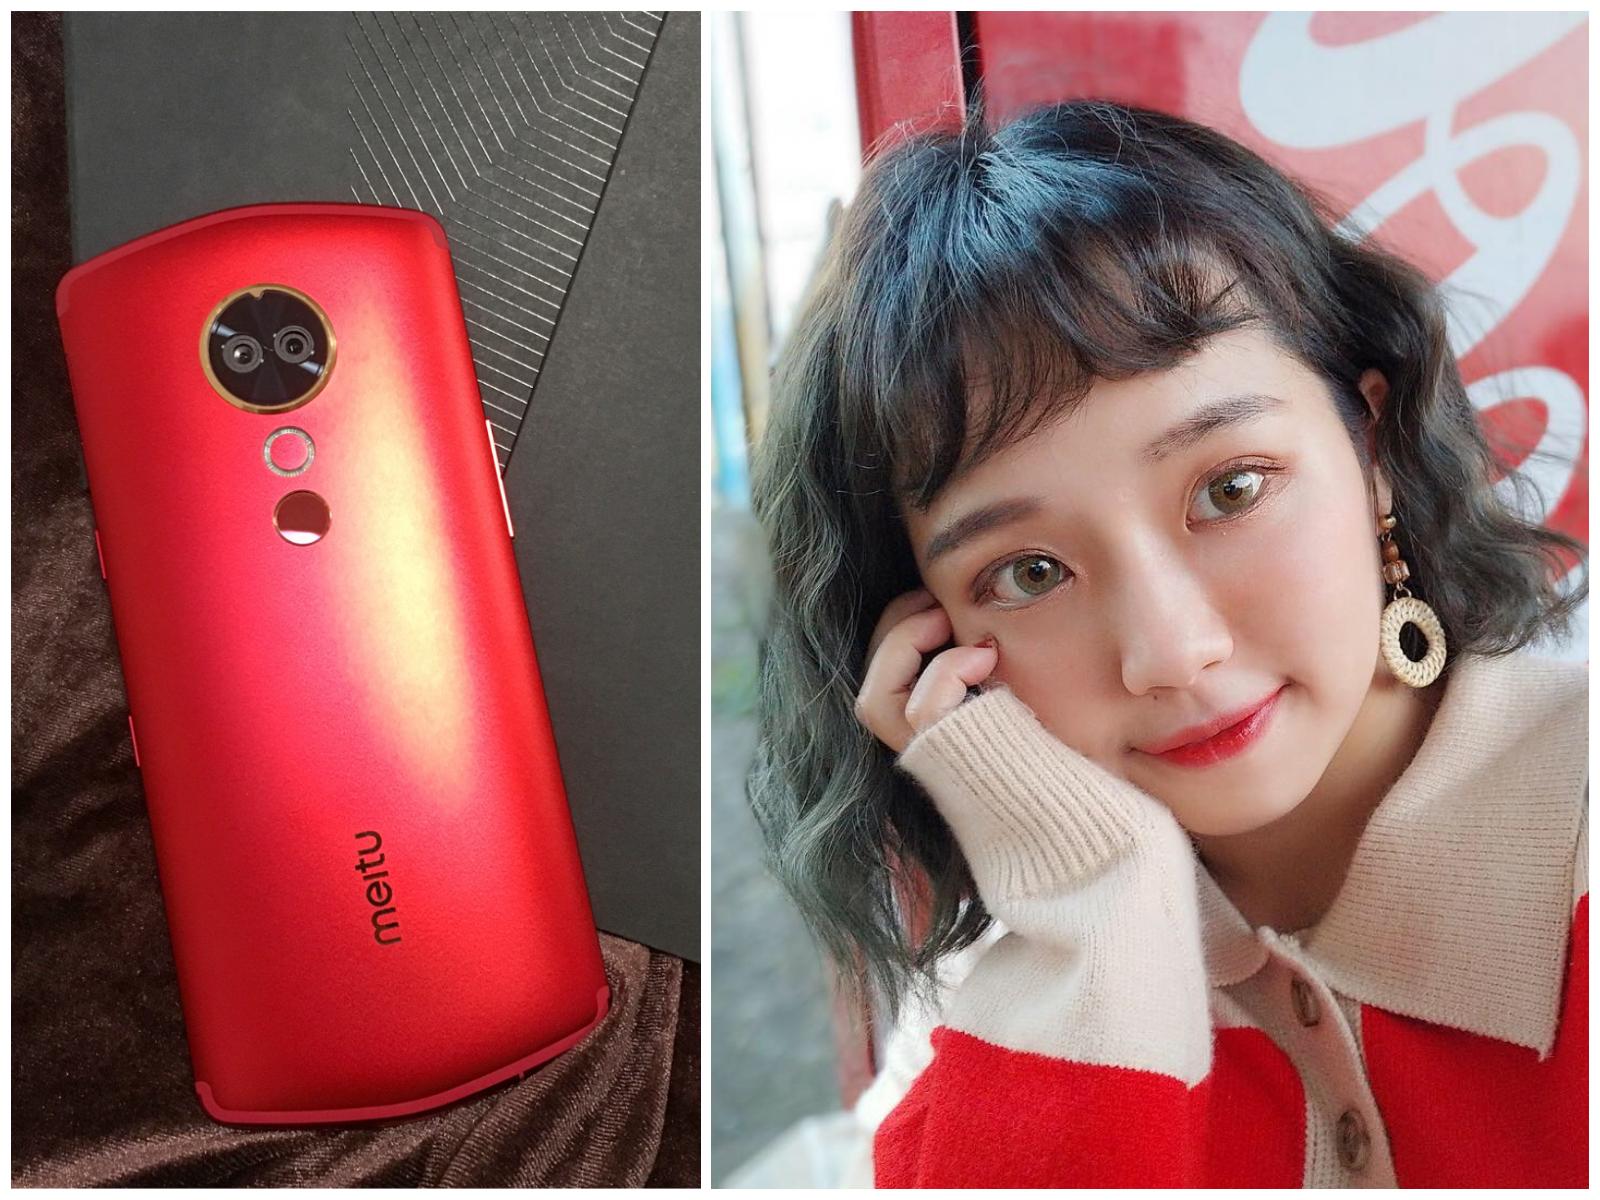 Meitu T9 手機開箱評測評價,景深+加深五官+黃金比例=自然變美の術